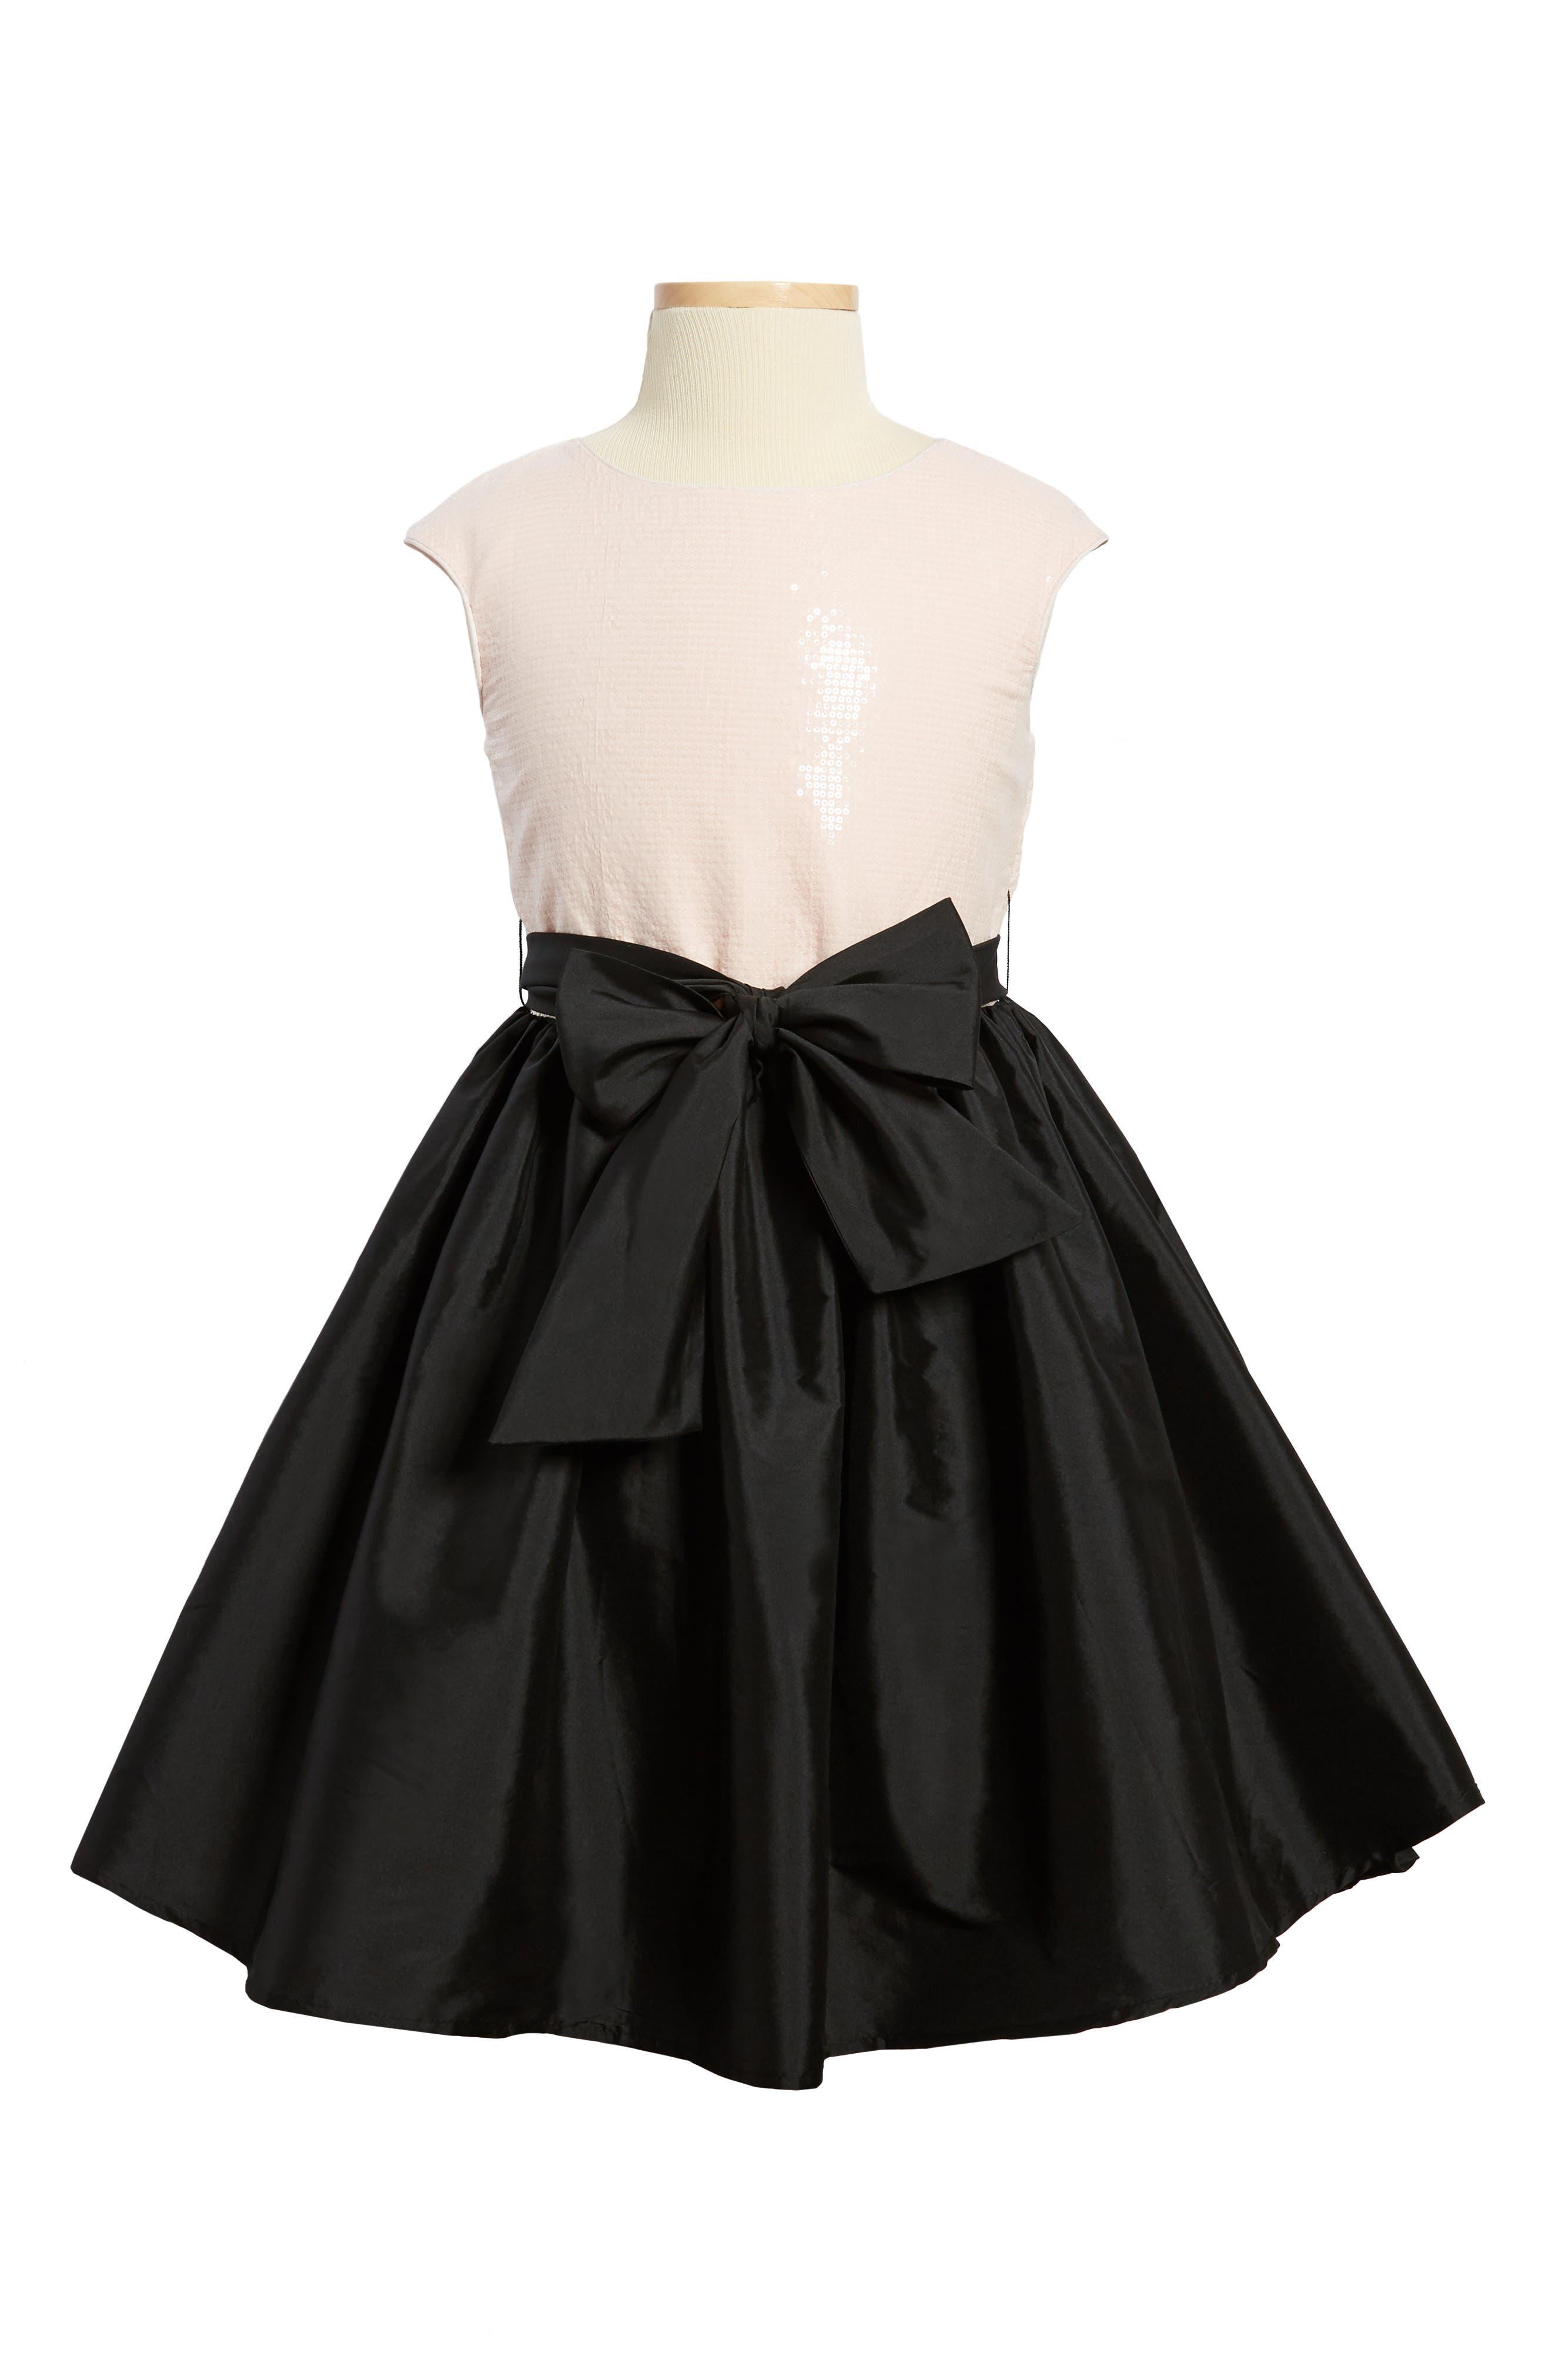 PIPPA & JULIE Sequin Embellished Fit & Flare Dress, Main, color, 650